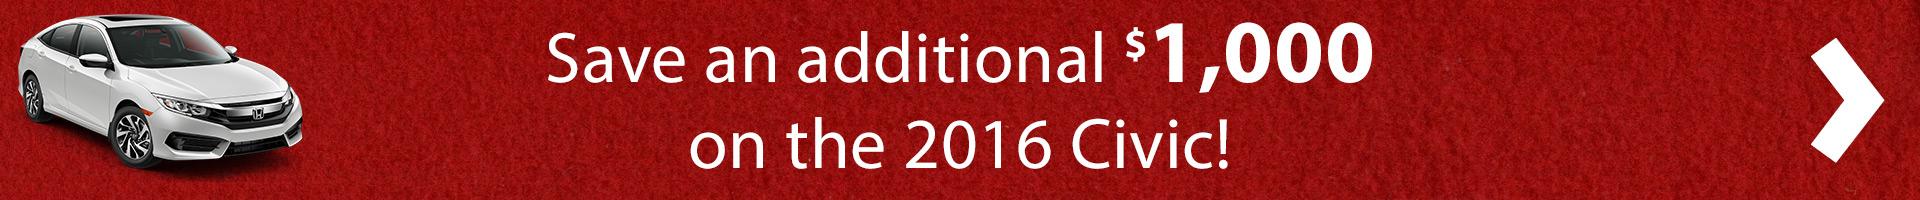 $1,000 Rebate of 2016 Civic